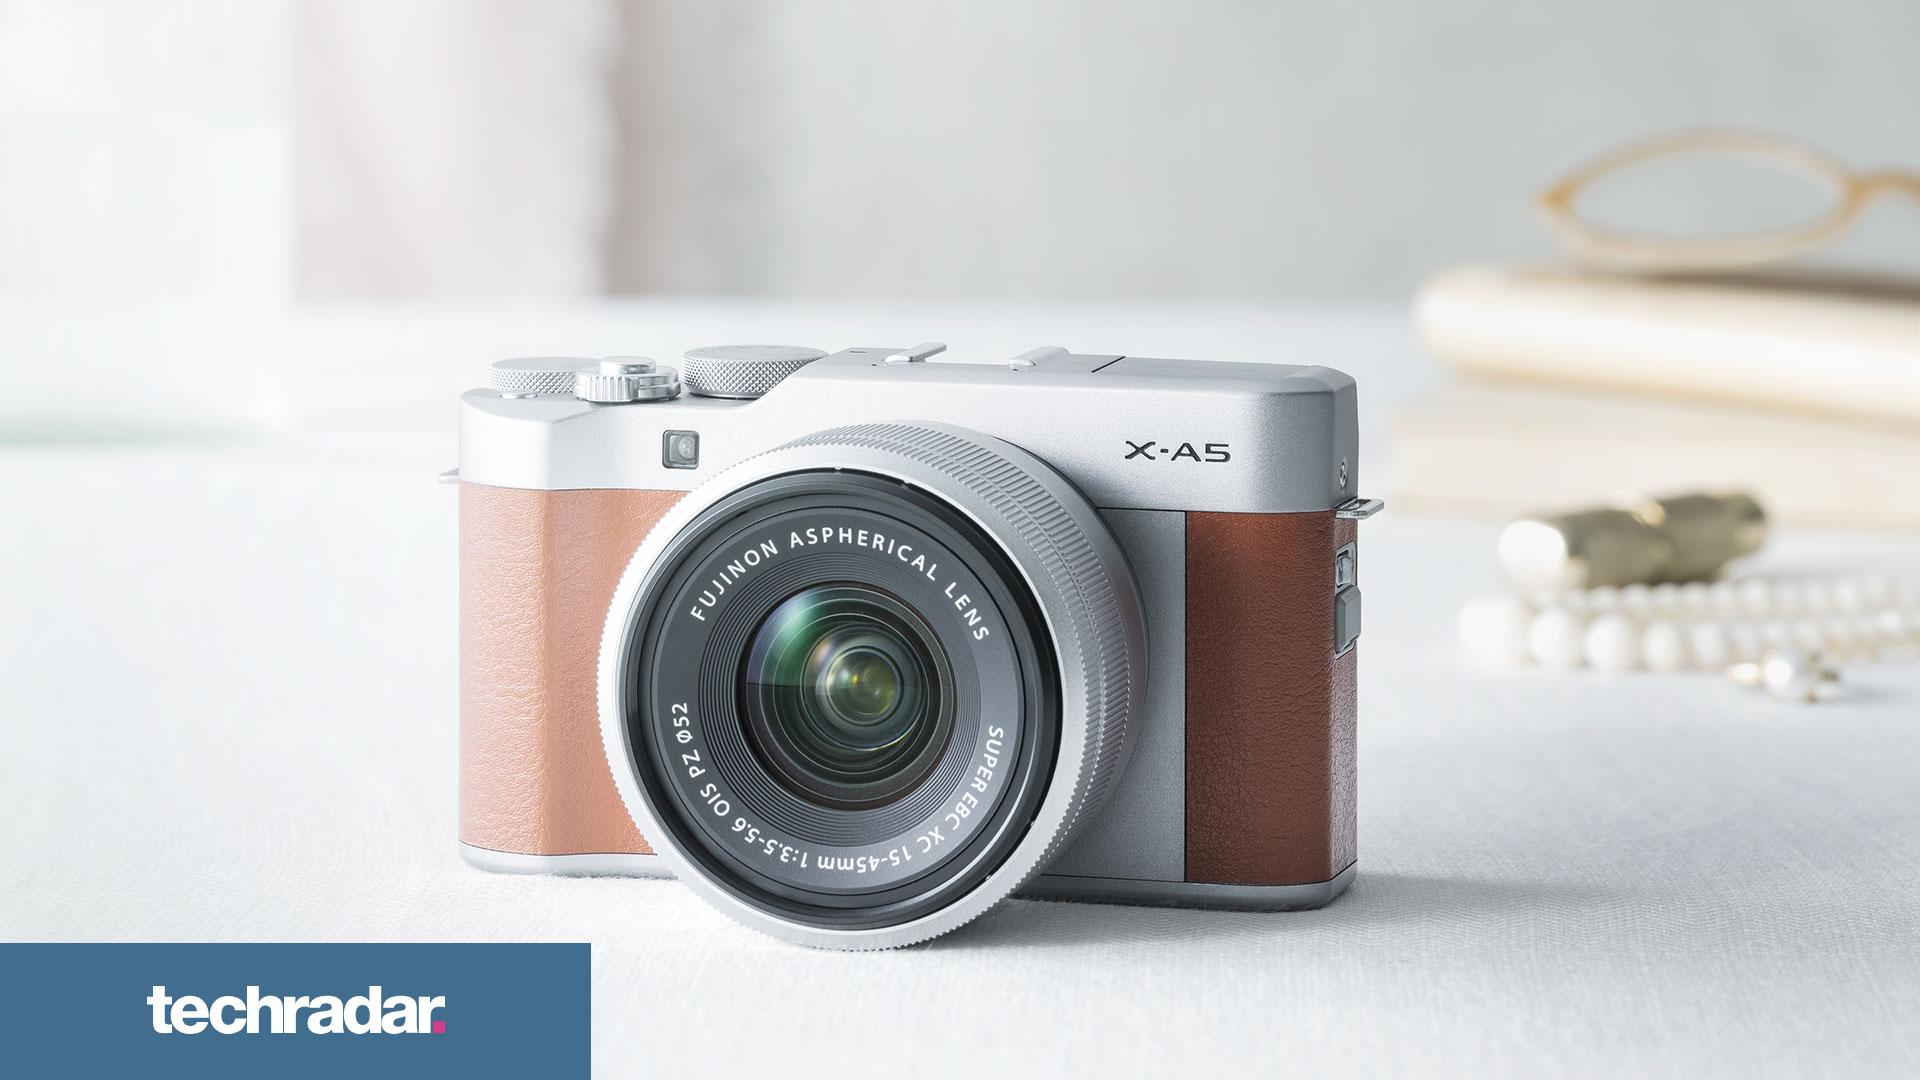 TechRadar | Fujifilm X-A5 review